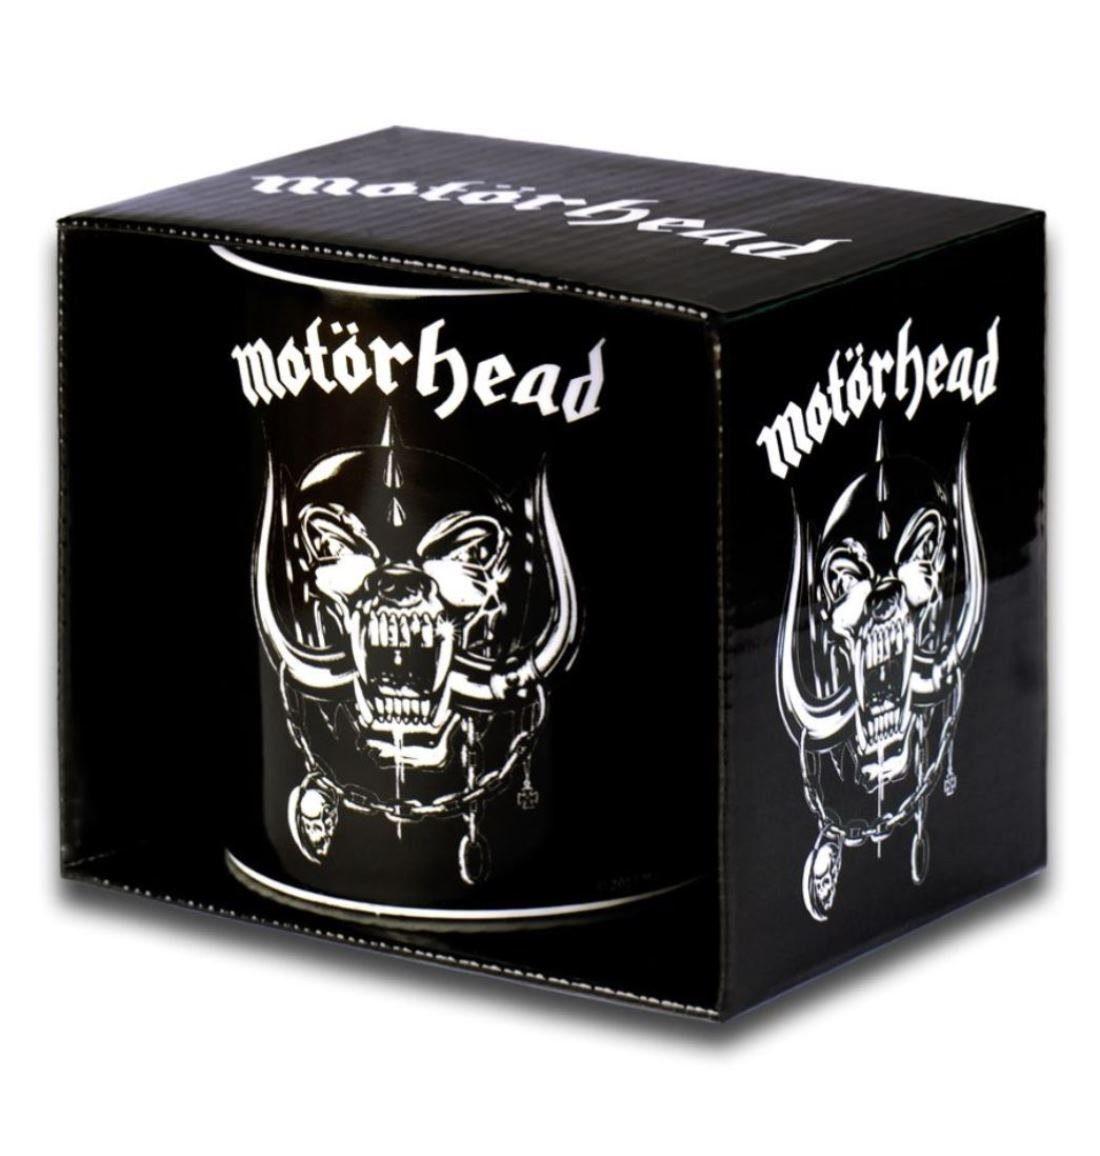 LOGOSHIRT Kaffeebecher mit Motörhead-Logo